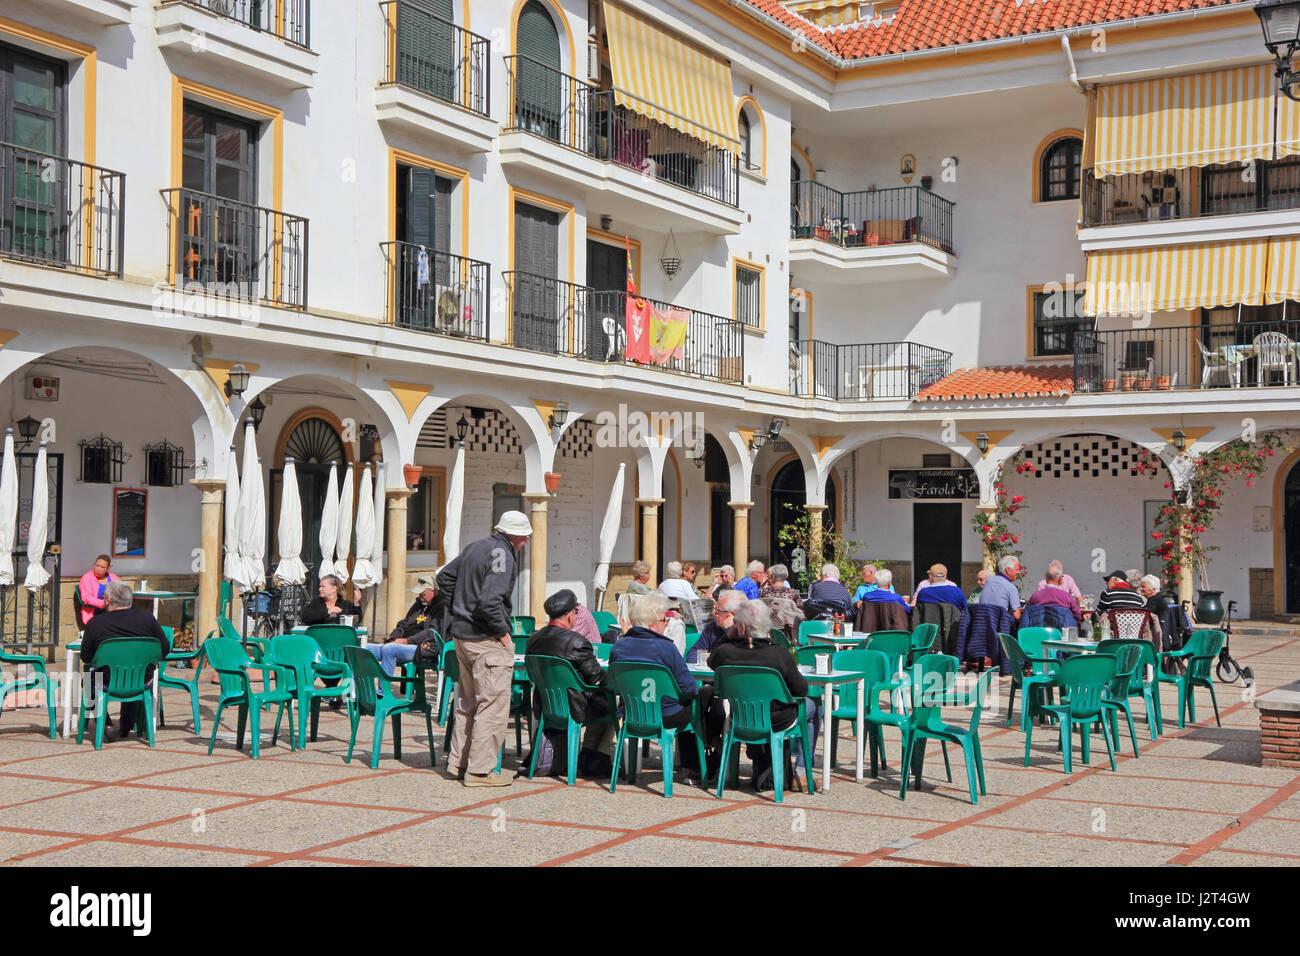 Spanish Restaurant Upper Street